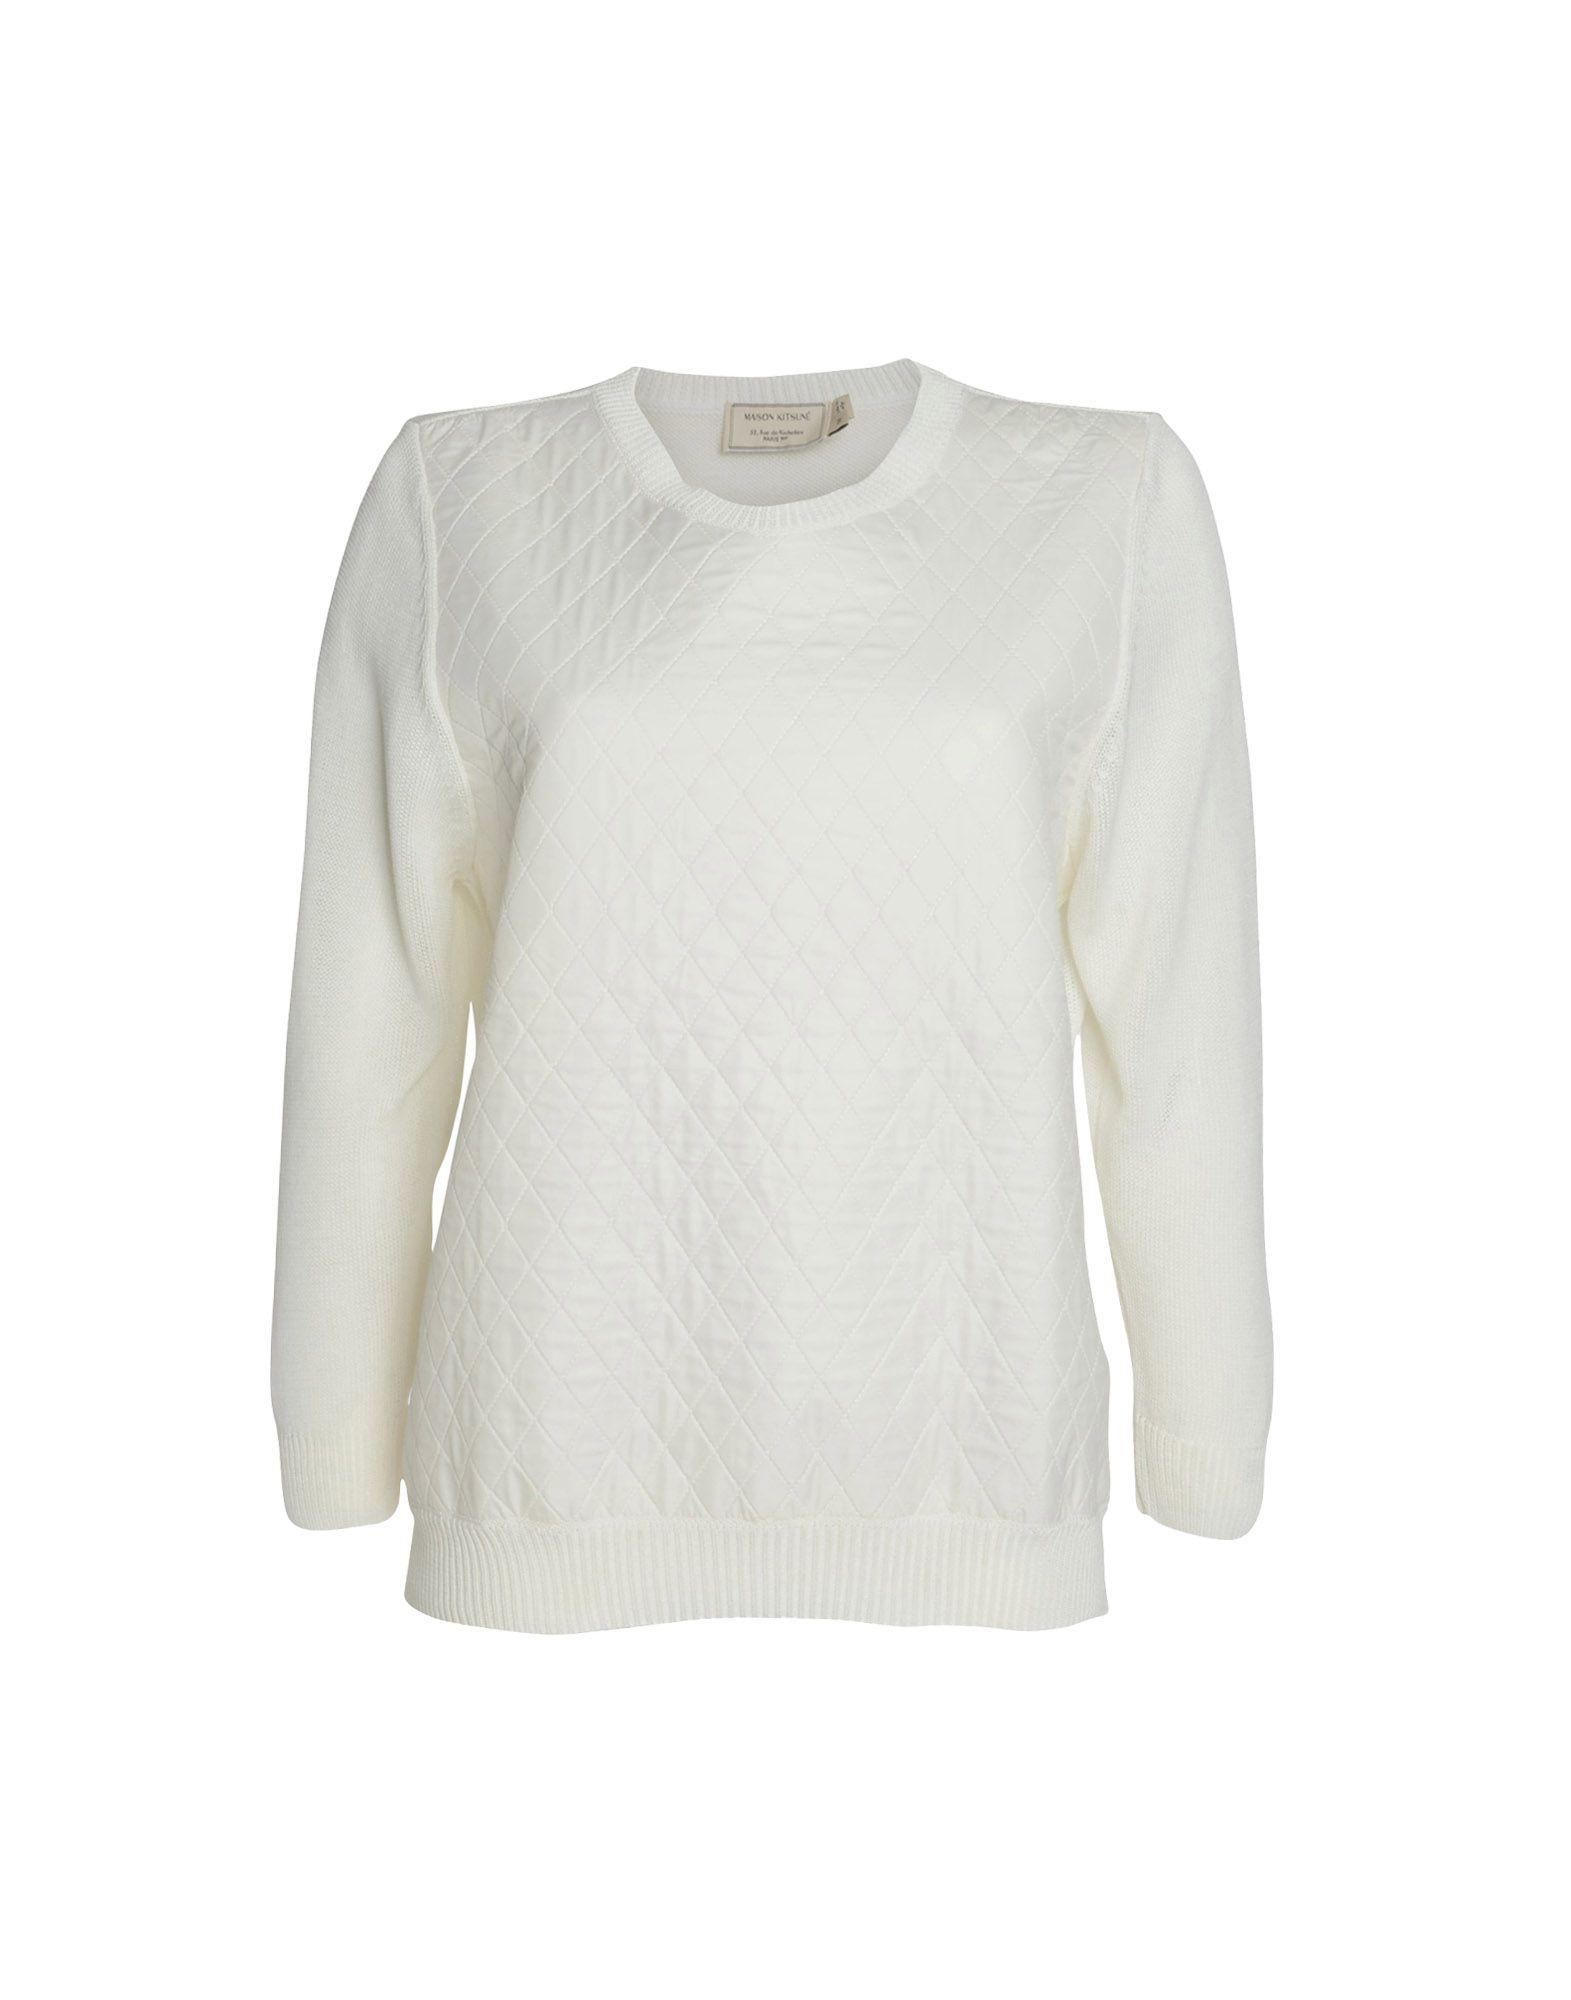 Pullover Maison Kitsuné Donna - Acquista online su QTJux